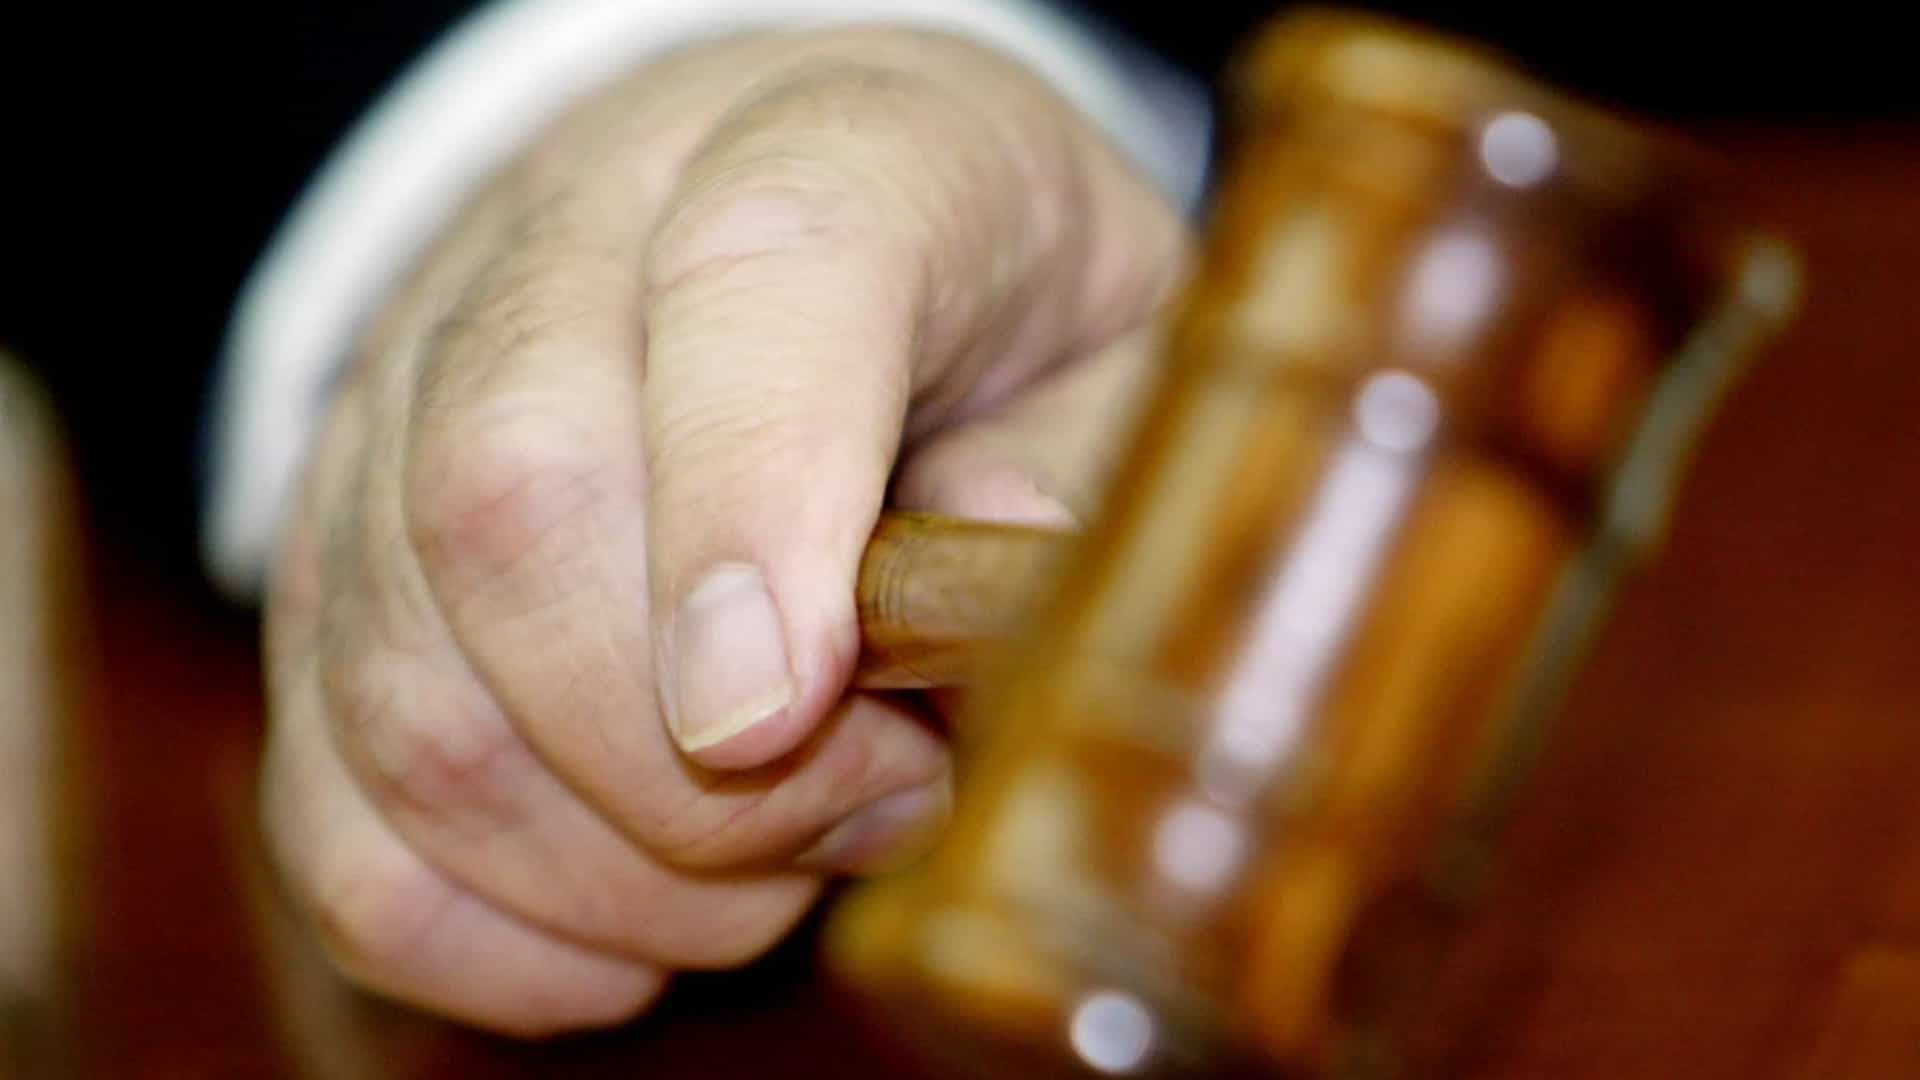 Hungria condena a 25 anos de prisão acusados da morte de 71 migrantes